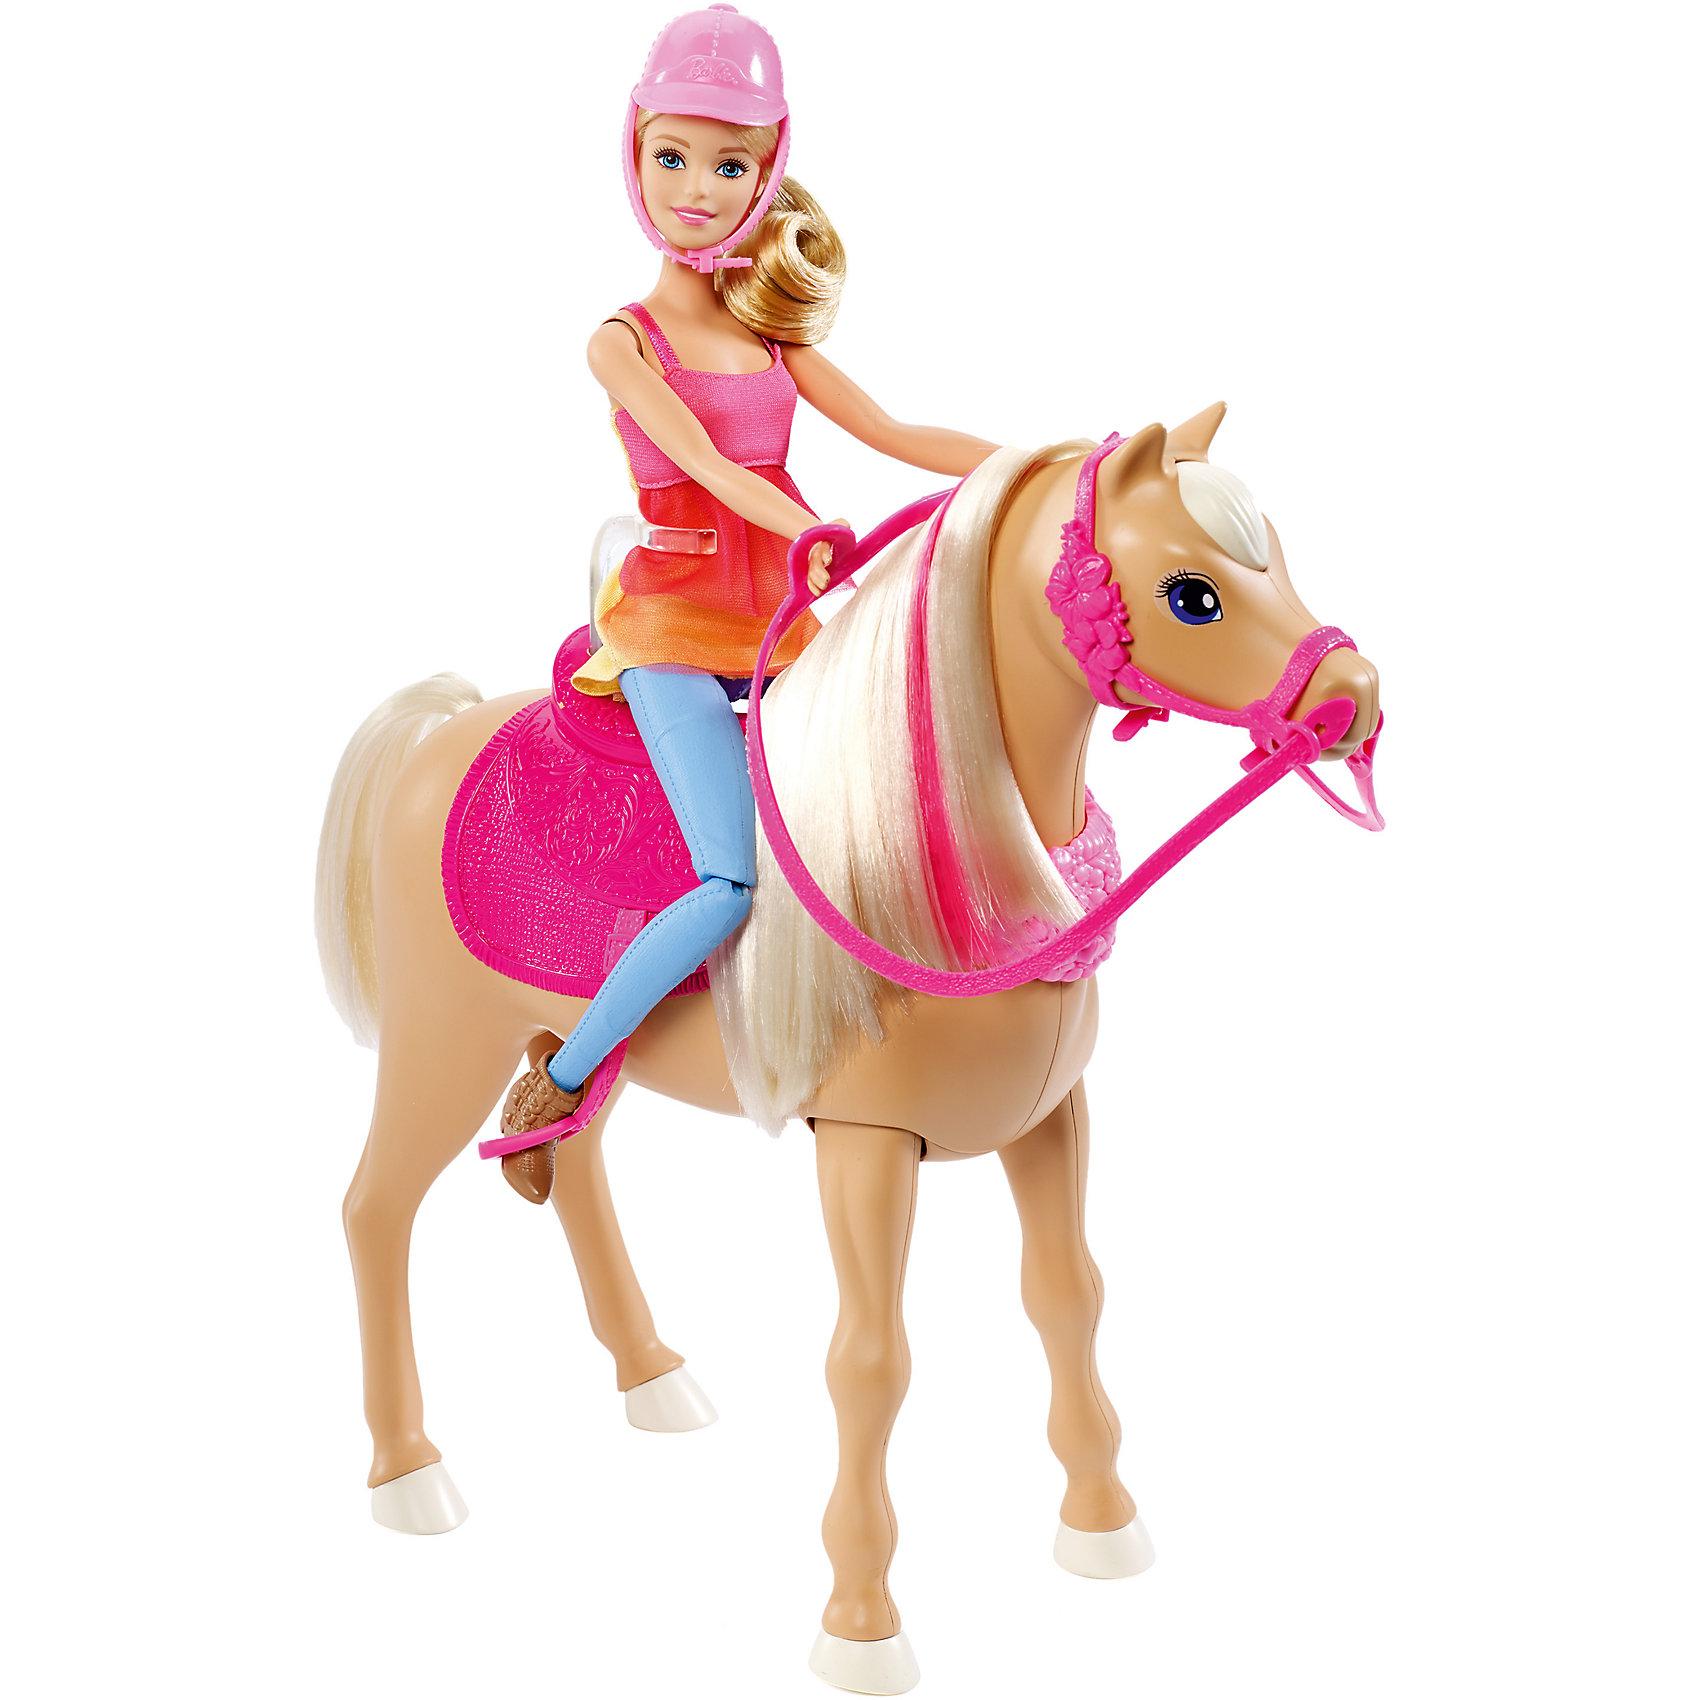 Barbie и танцующая лошадкаBarbie<br>Barbie и танцующая лошадка - чудесный игровой набор, который вызовет восторг у Вашей девочки, поклонницы кукол Barbie.<br>Кукла Барби и ее лошадка танцуют вместе! Помнишь финальную сцену из мультфильма «Barbie и сестры: охота за щенками»? Лошадка может проигрывать три разные мелодии и танцевать. Поставь Барби рядом с лошадкой или посади куклу верхом, нажми кнопочку, спрятанную в гриве лошадки, и смотри, как они двигаются в такт музыки. Лошадка также может танцевать одна.<br><br>Дополнительная информация:<br><br>- В наборе: кукла Barbie с нарядом и аксессуарами (включая шлем), танцующая лошадка с розовым седлом (не снимается), ошейником, уздечкой, поводьями<br>- Кукла не может стоять или танцевать самостоятельно<br>- Цвета и украшения могут отличаться<br>- Материал: пластик, текстиль<br>- Батарейки: 4 типа AAA (в комплект не входят)<br>- Размер упаковки: 11,5х45,5х32,5 см.<br>- Вес: 1,134 кг.<br><br>Игровой набор Barbie и танцующая лошадка можно купить в нашем интернет-магазине.<br><br>Ширина мм: 115<br>Глубина мм: 455<br>Высота мм: 325<br>Вес г: 1134<br>Возраст от месяцев: 36<br>Возраст до месяцев: 120<br>Пол: Женский<br>Возраст: Детский<br>SKU: 4865287